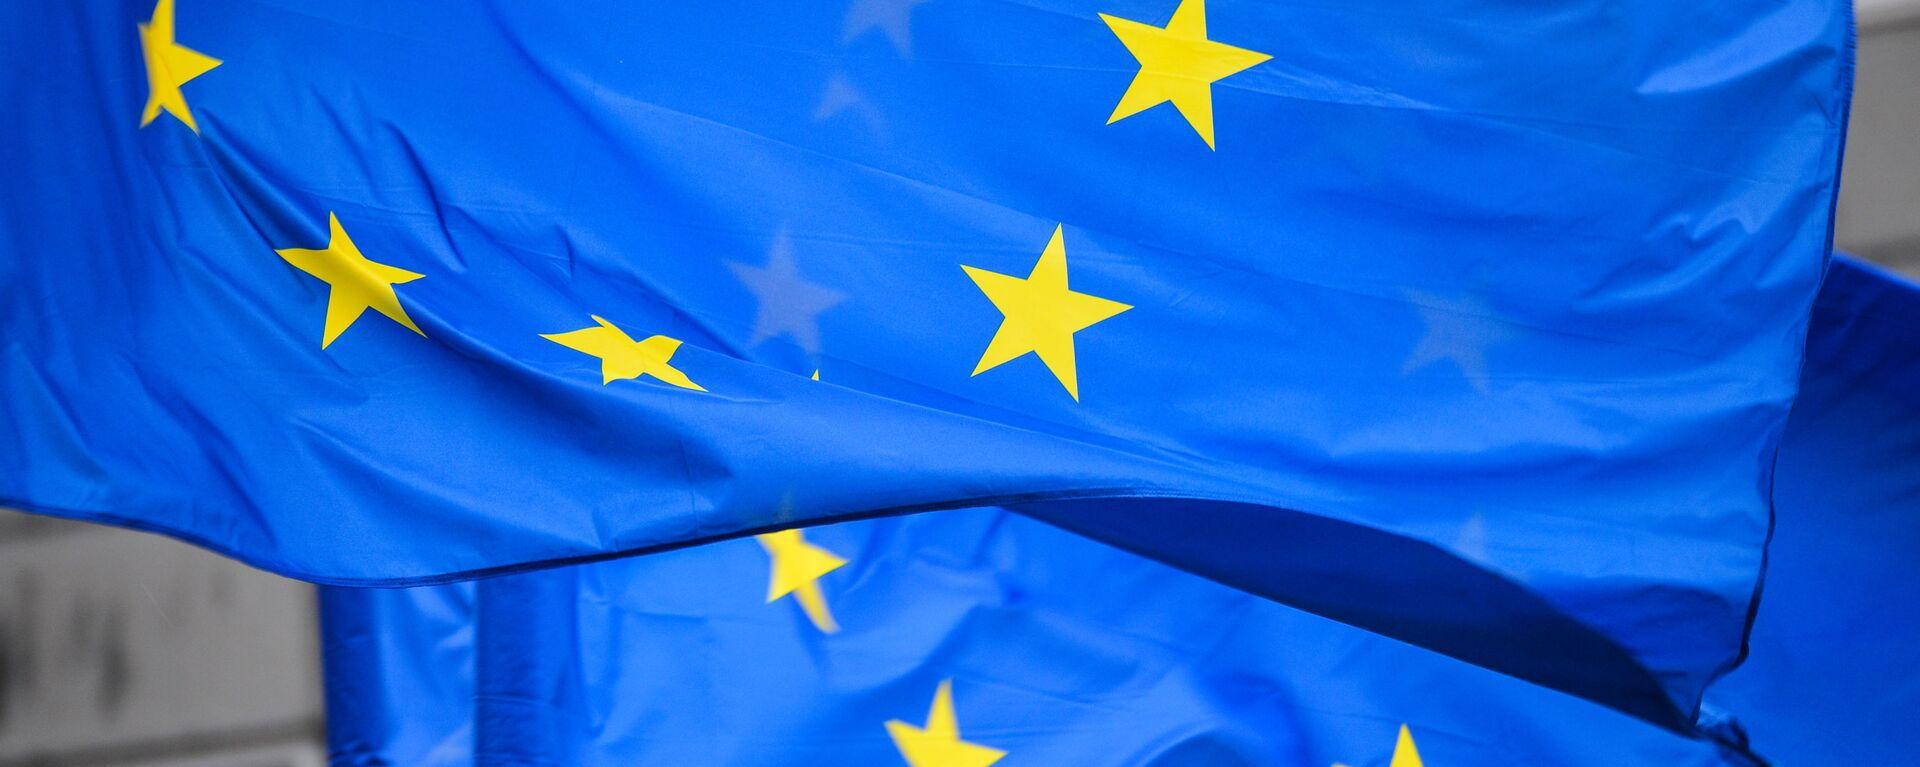 Флаги с символикой Евросоюза, архивное фото - Sputnik Таджикистан, 1920, 01.08.2021